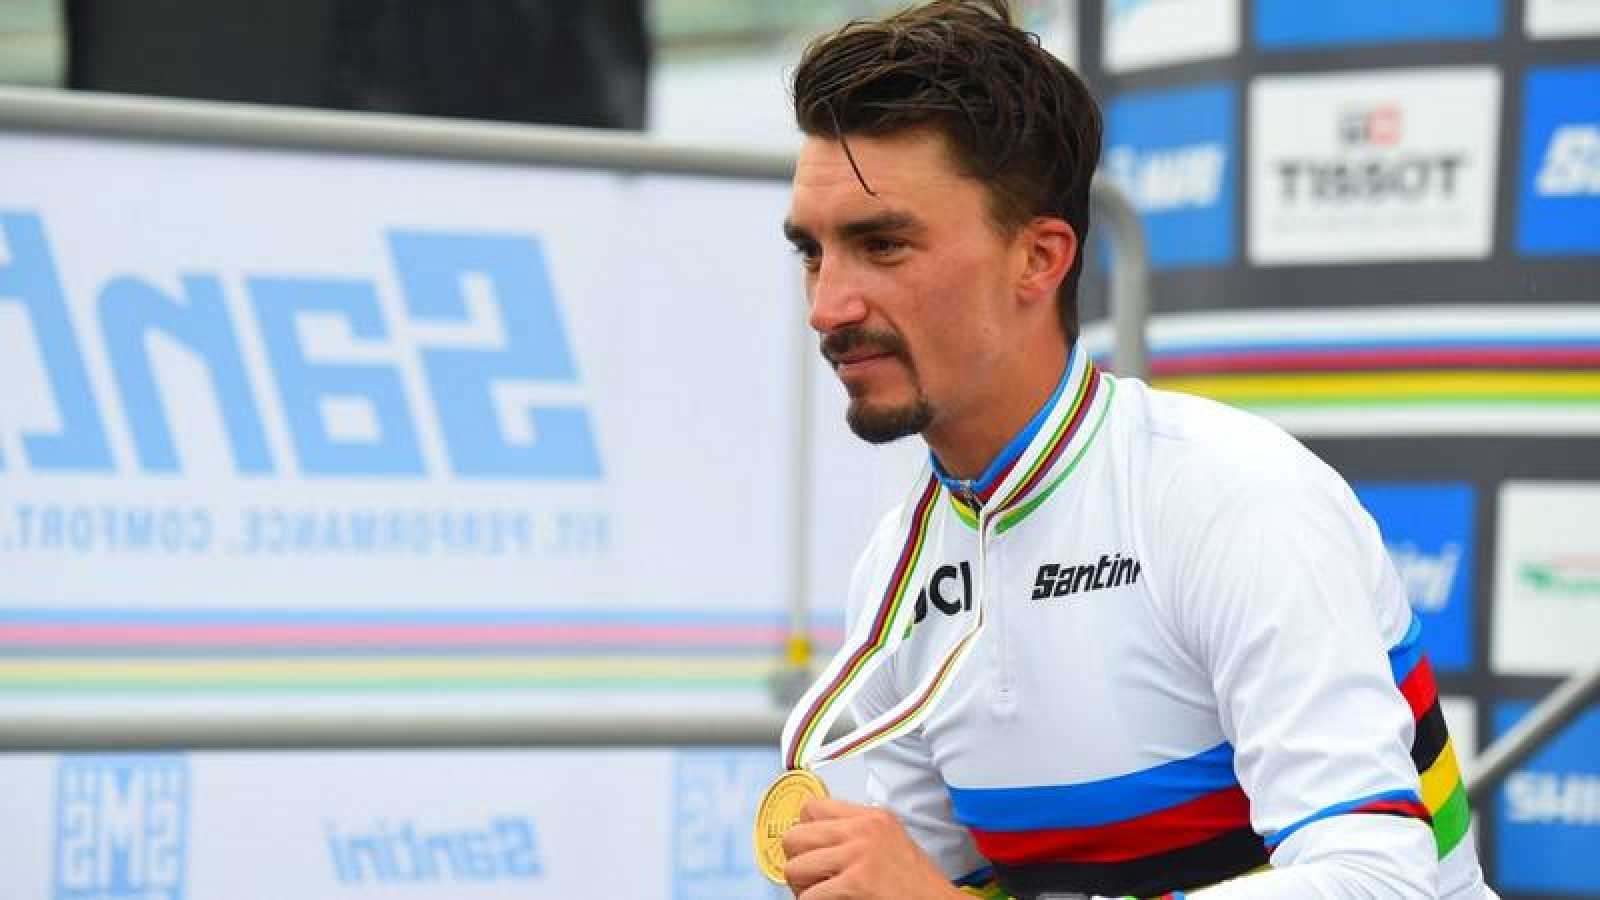 El ciclista francés Julian Alaphilippe posa con la medalla de oro de campeón del mundo en Imola en 2020.